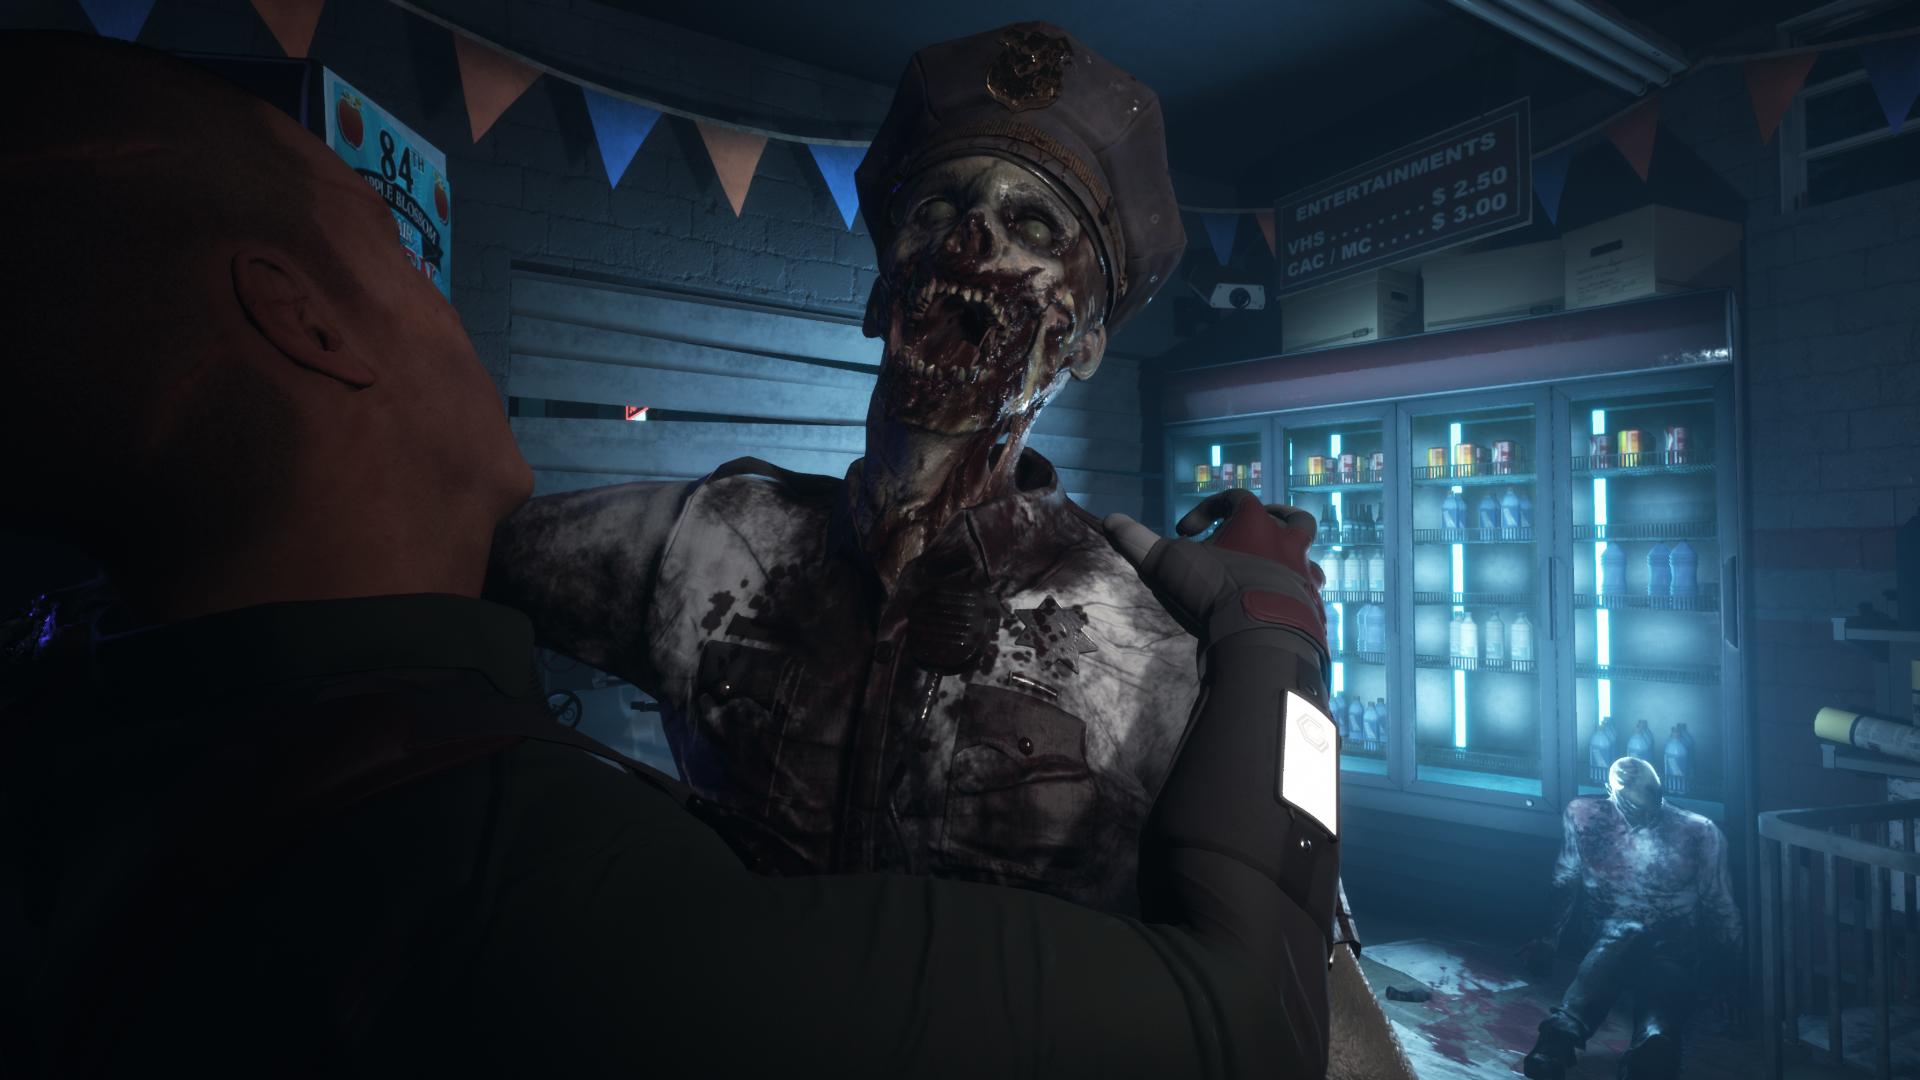 《白日噩梦1998》PC版新预告 游戏将于9月17日发售